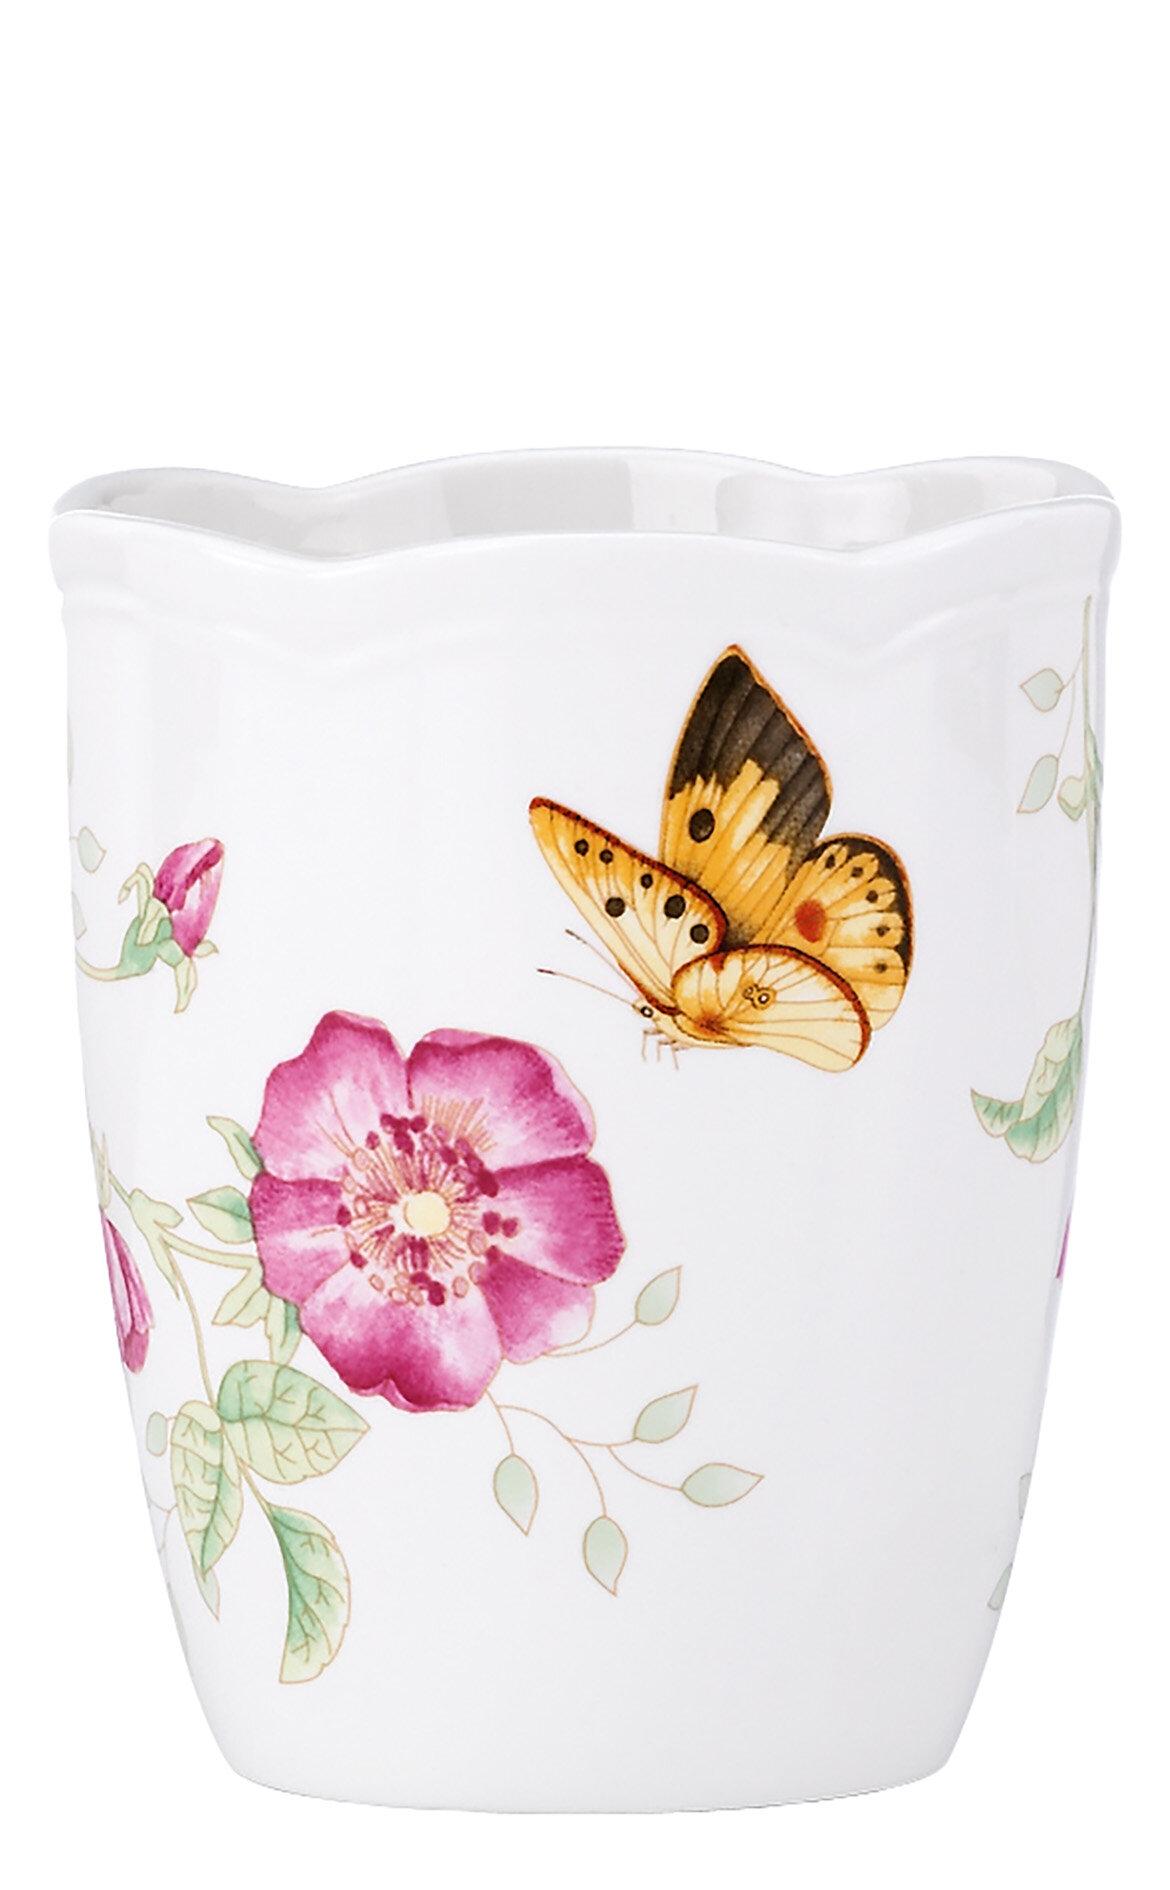 Lenox-Lenox Butterfly Diş Fırçalık